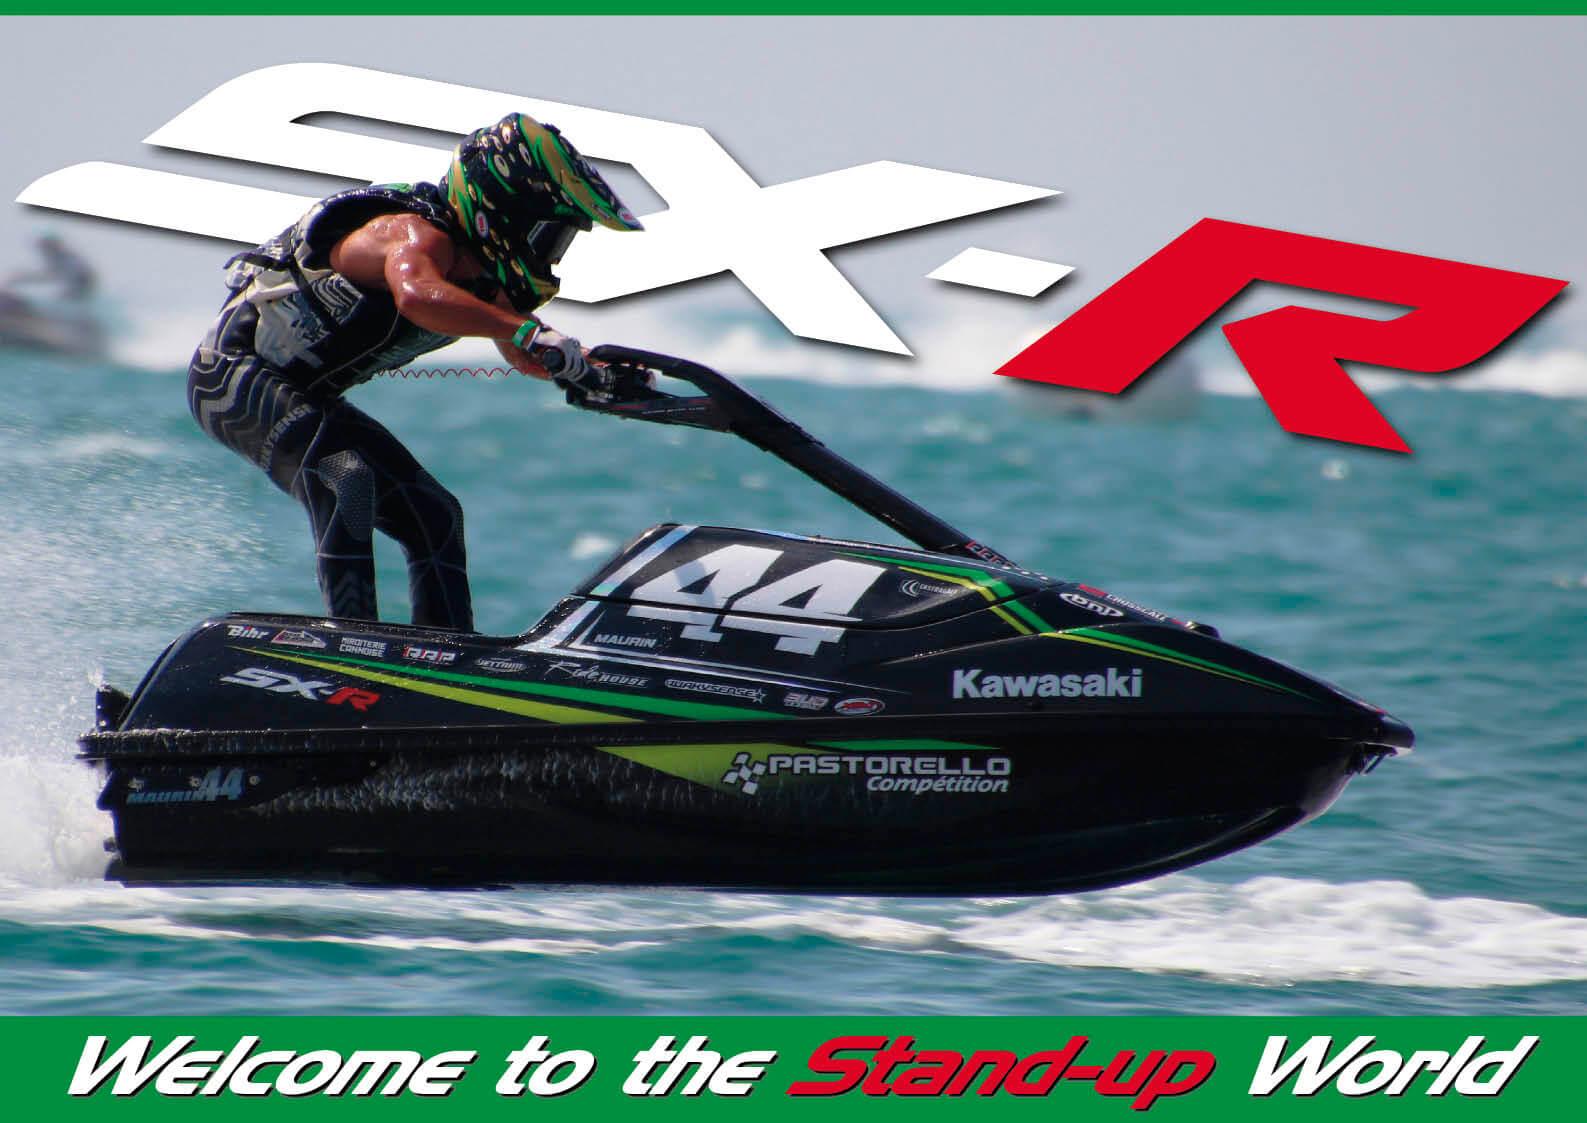 史上最強のジェットスキー SX-Rとは(水上バイク)